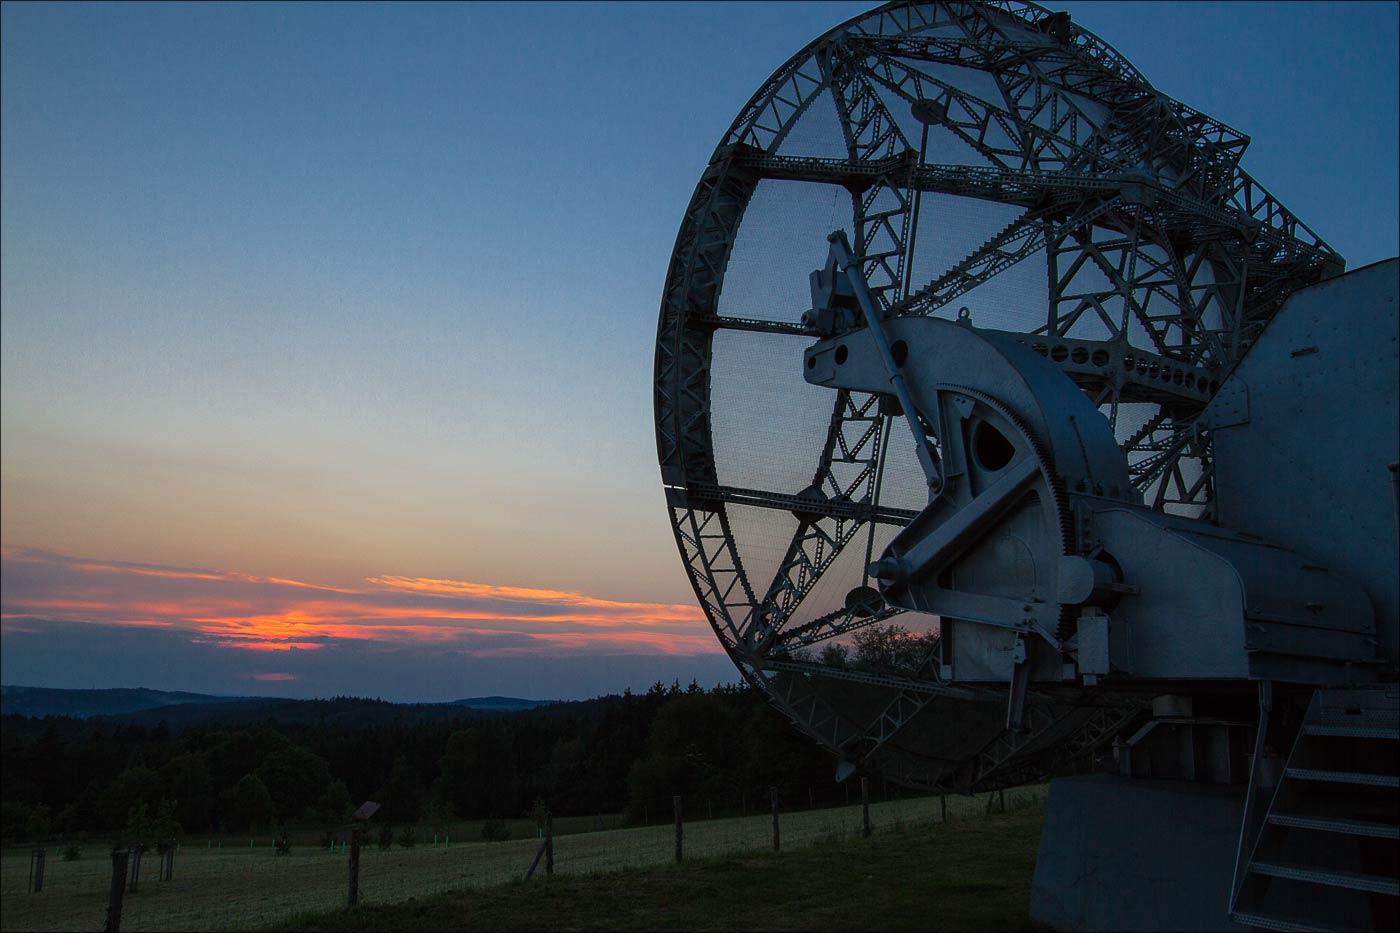 Закат в астрономической обсерватории в Ондржейове